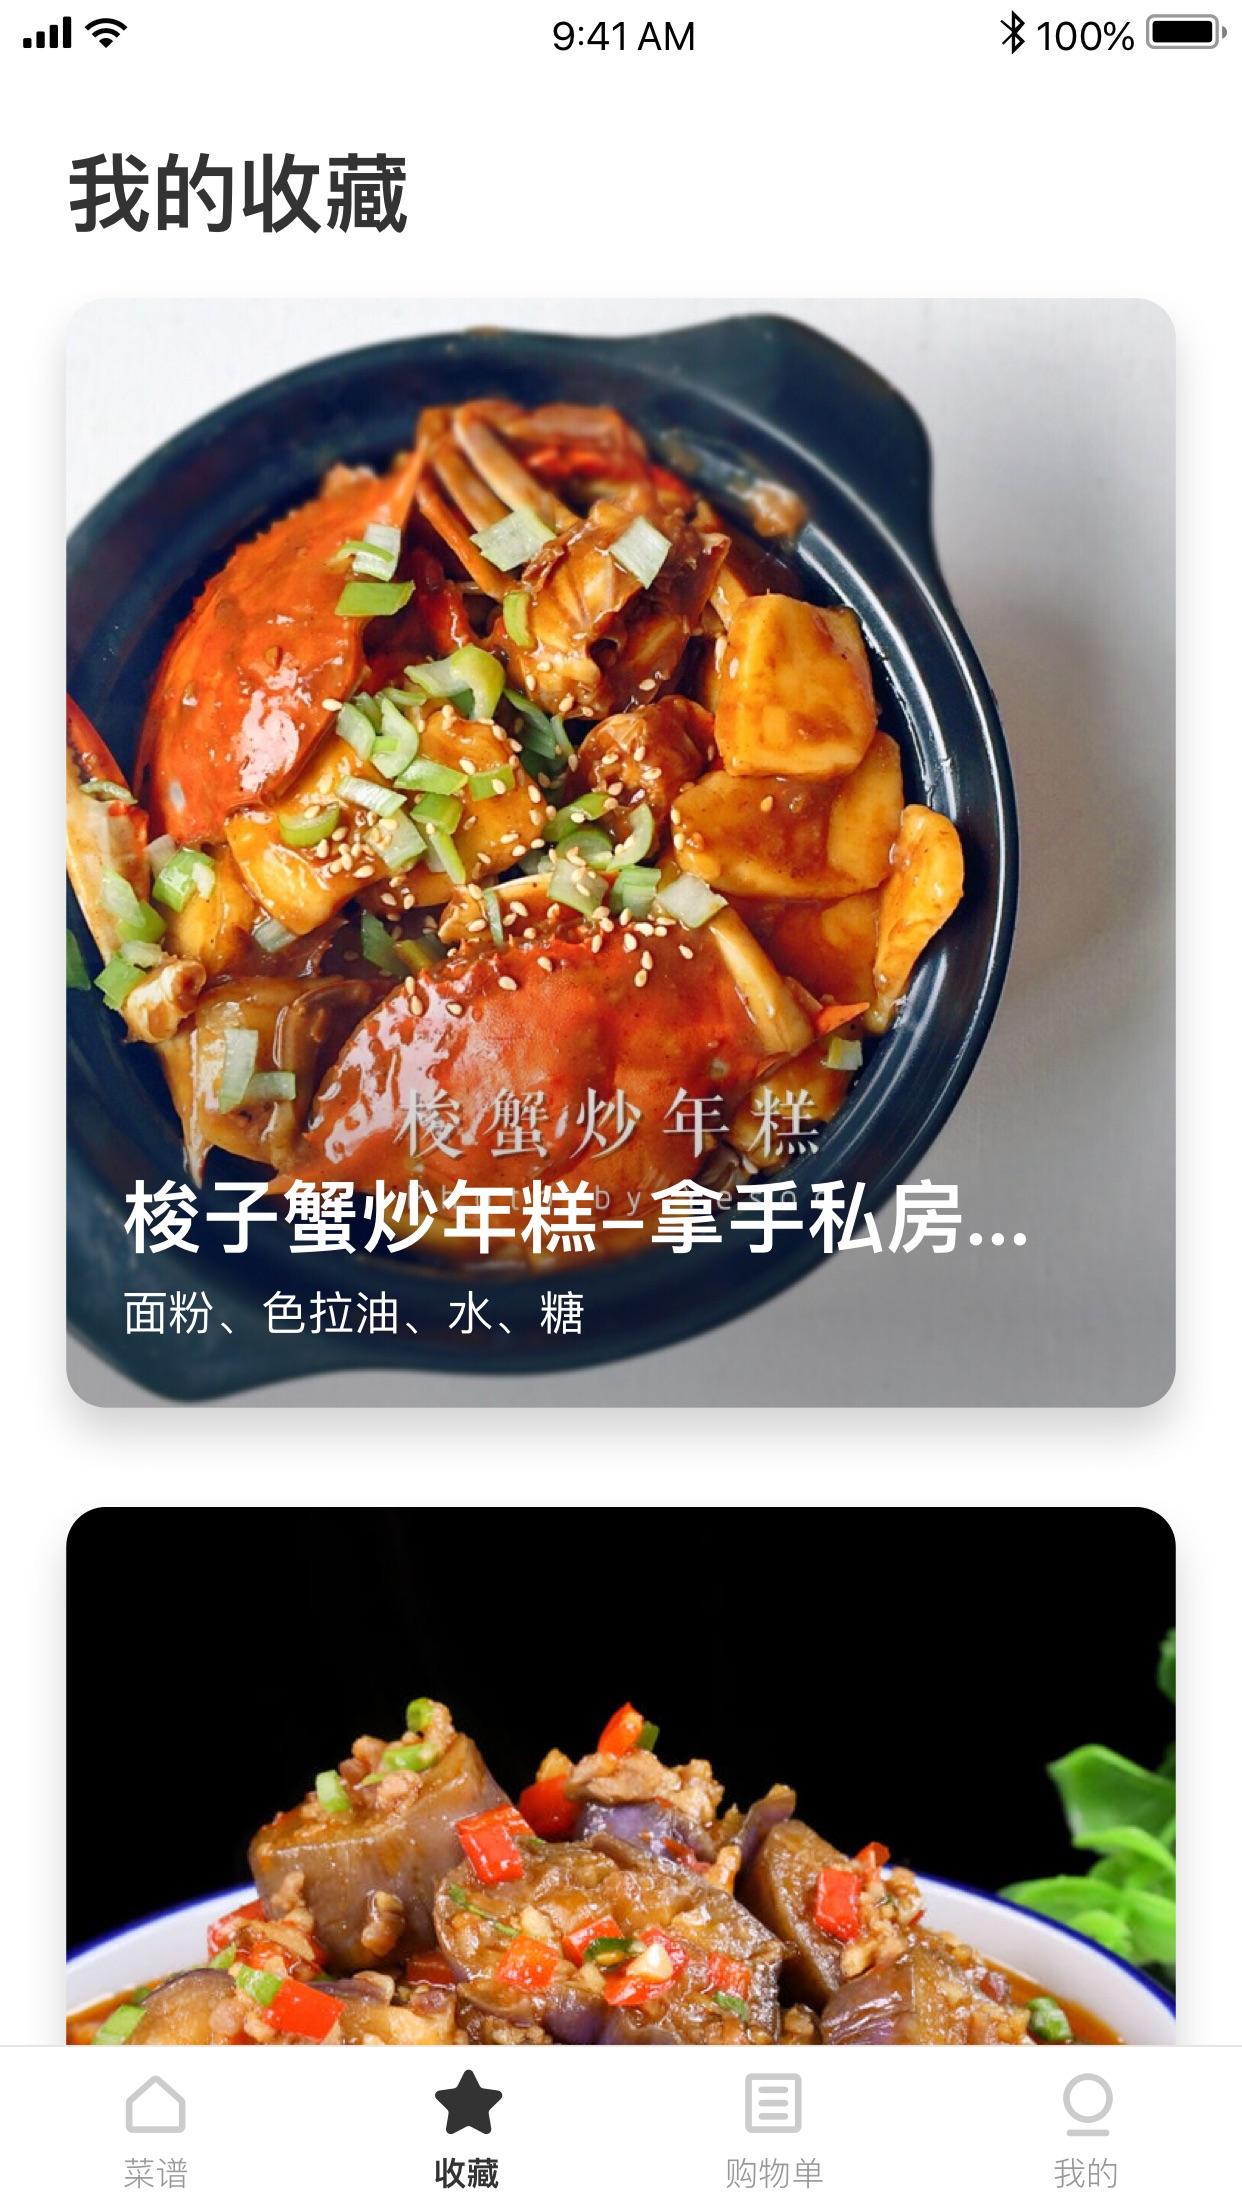 豆果私家菜-私房精致美食菜谱大全 Screenshot